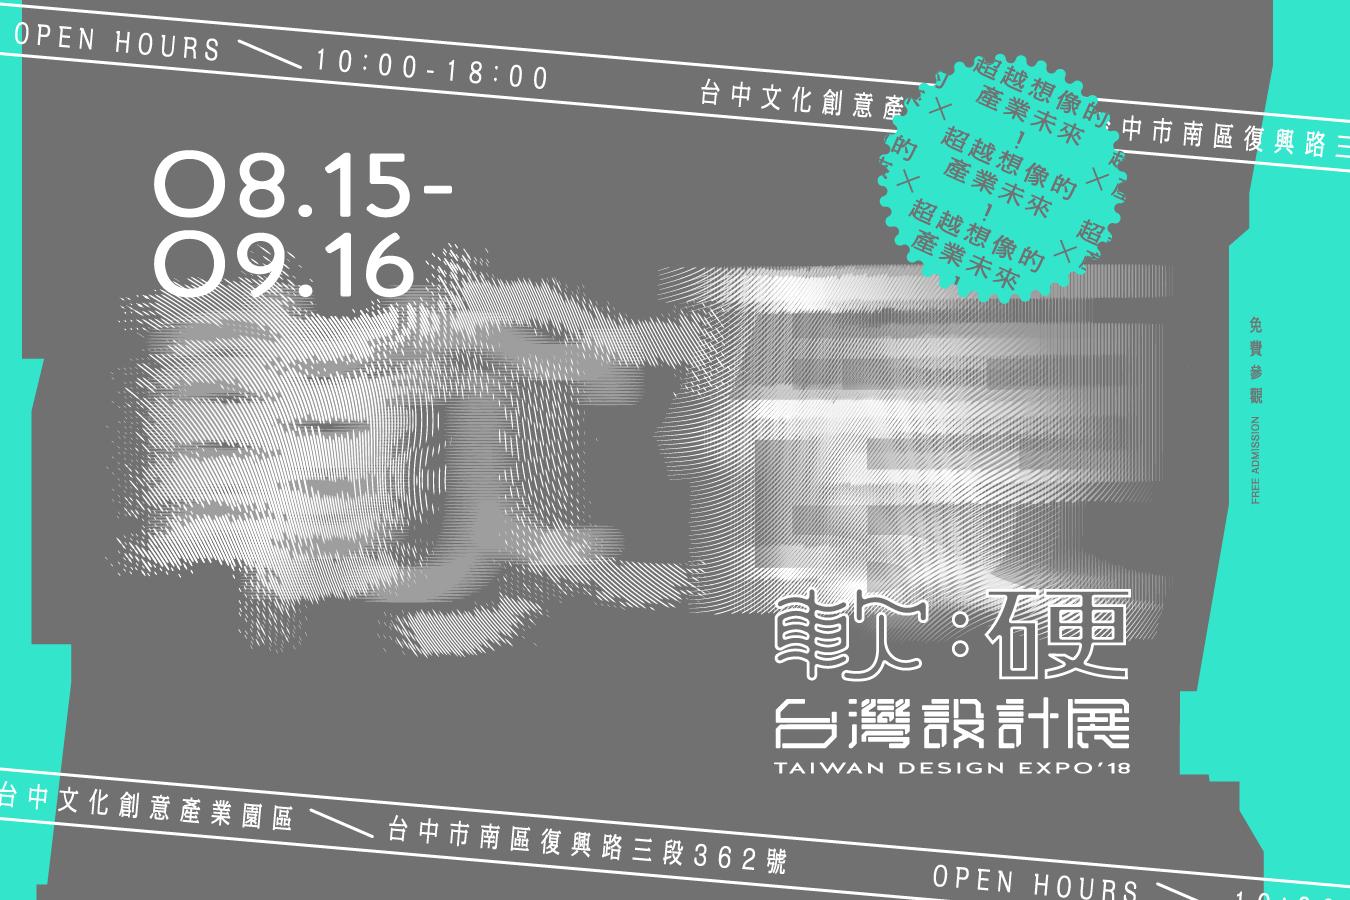 2018台灣設計展 許你一個超越想像的產業未來